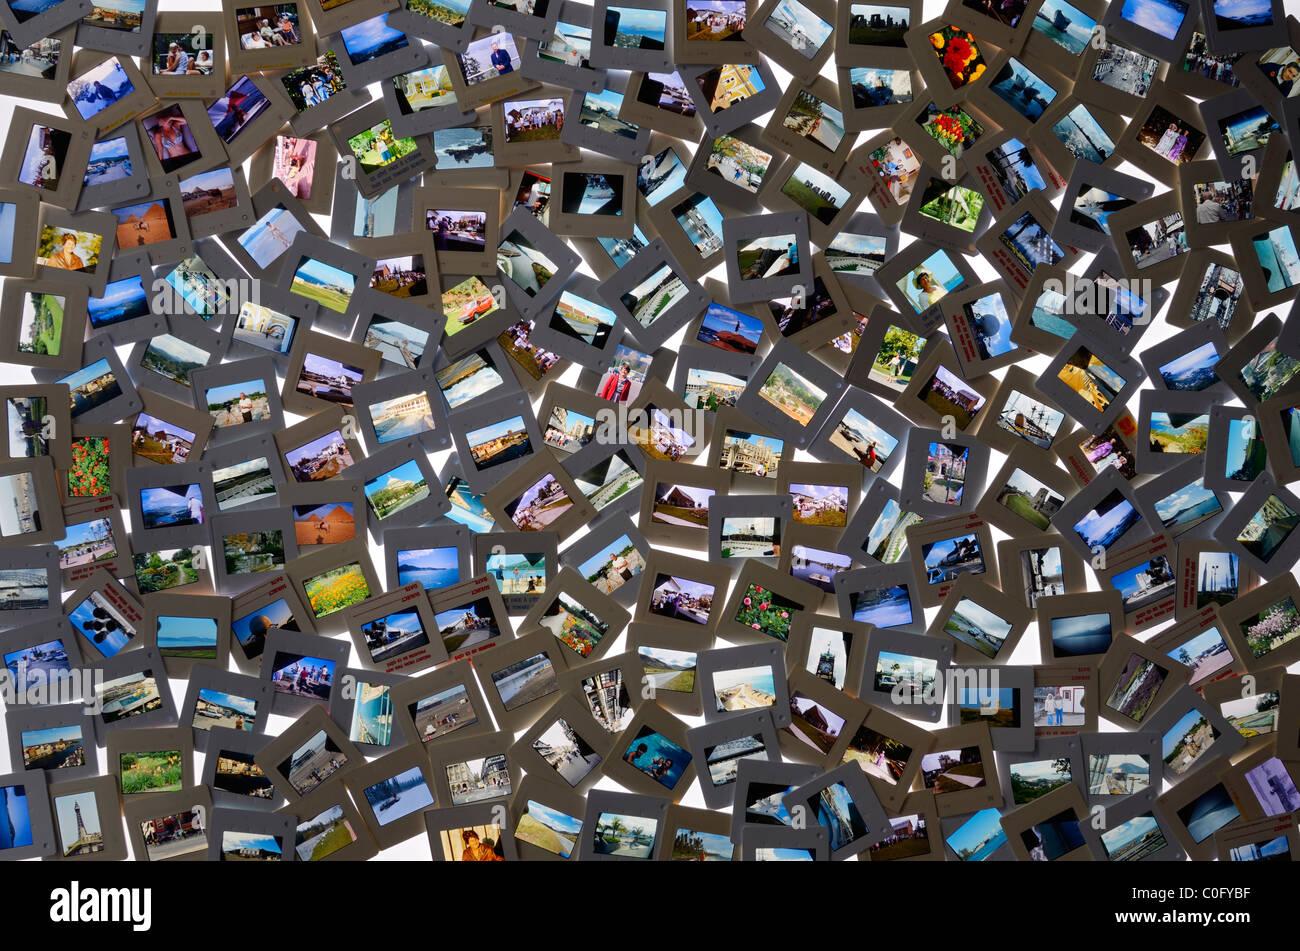 Gran colección de películas en color diapositiva instantáneas de vacaciones pasado sobre una mesa Imagen De Stock